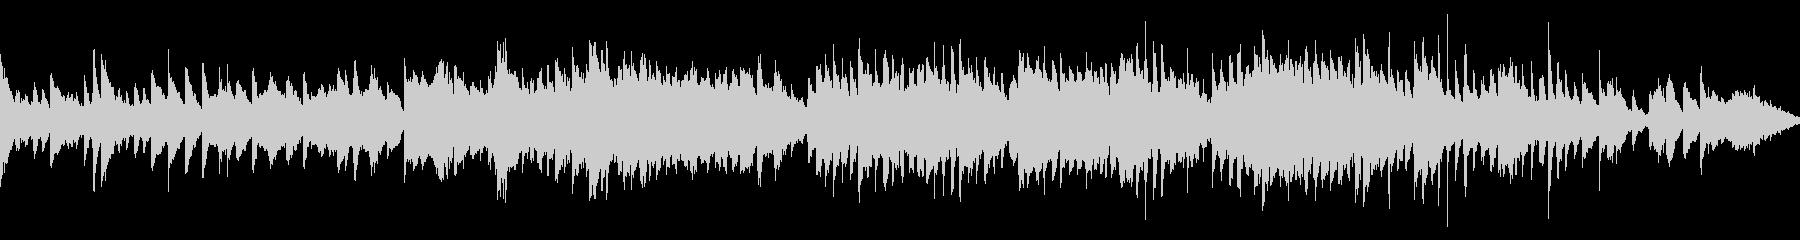 ファンタジーな森をイメージしたゲーム音楽の未再生の波形